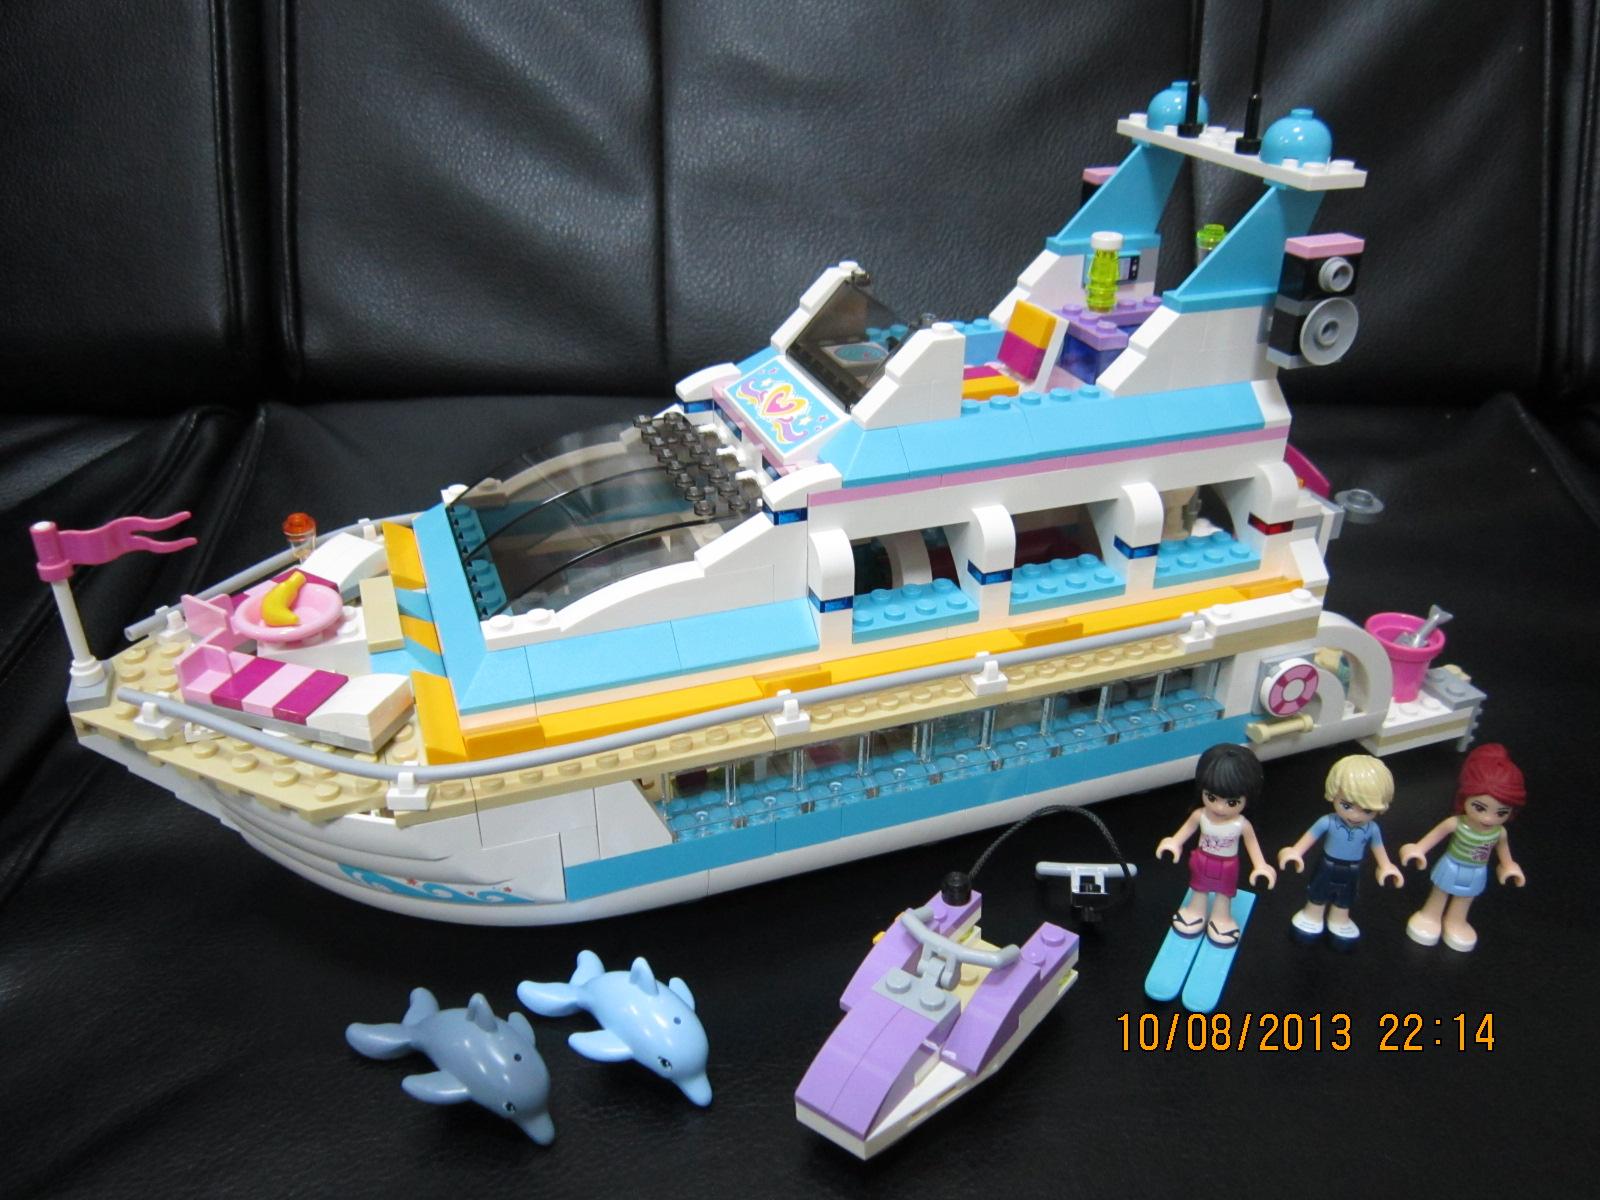 2013 41015 海豚号游艇 dolphin cruiser - lego 乐高